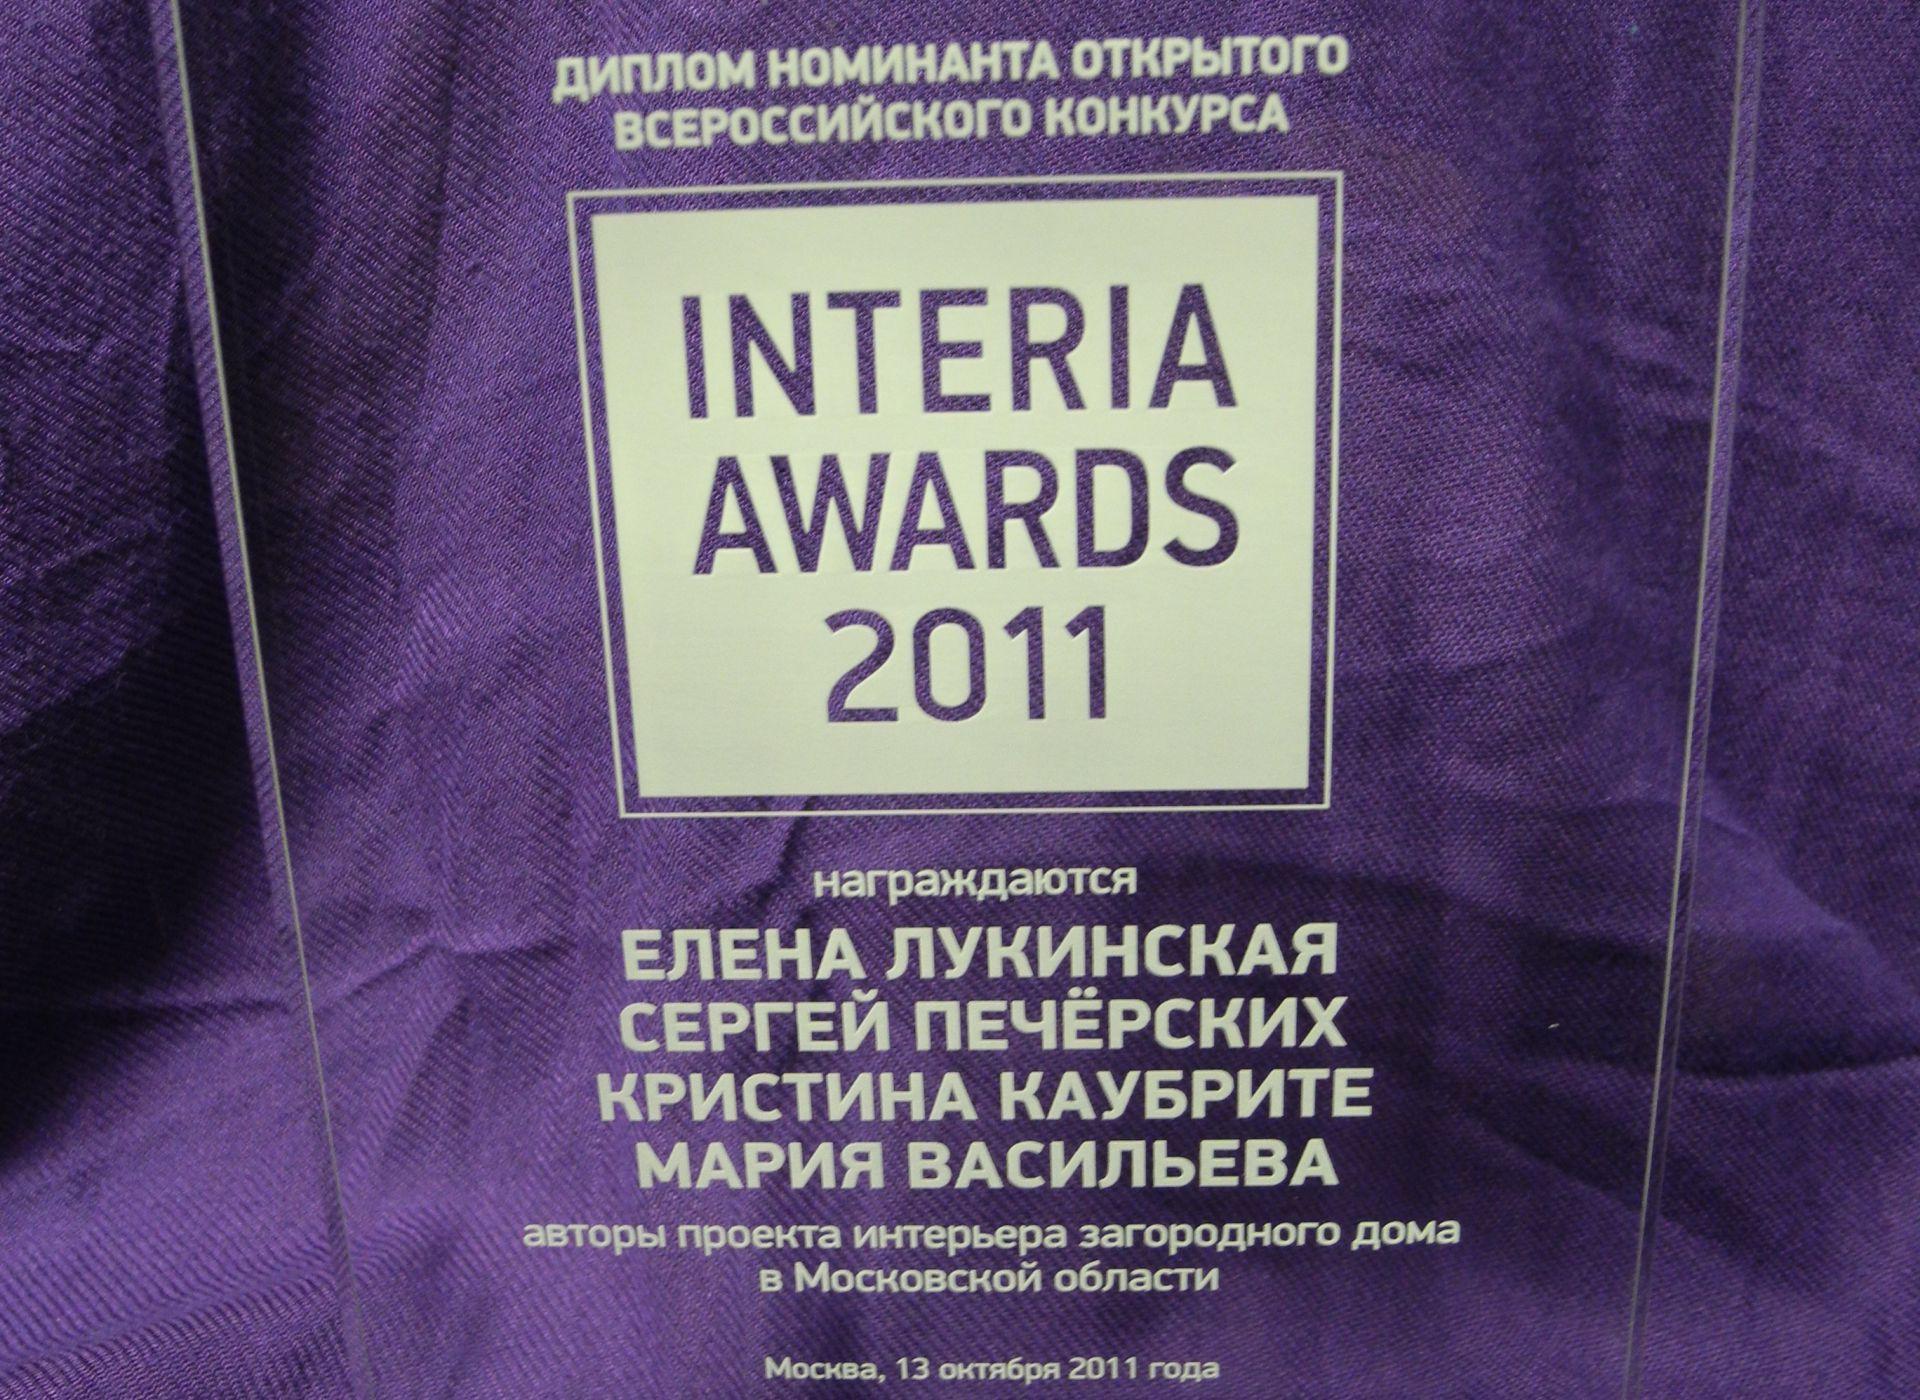 Диплом номинанта интерьерной премии INTERIA AWARDS 2011